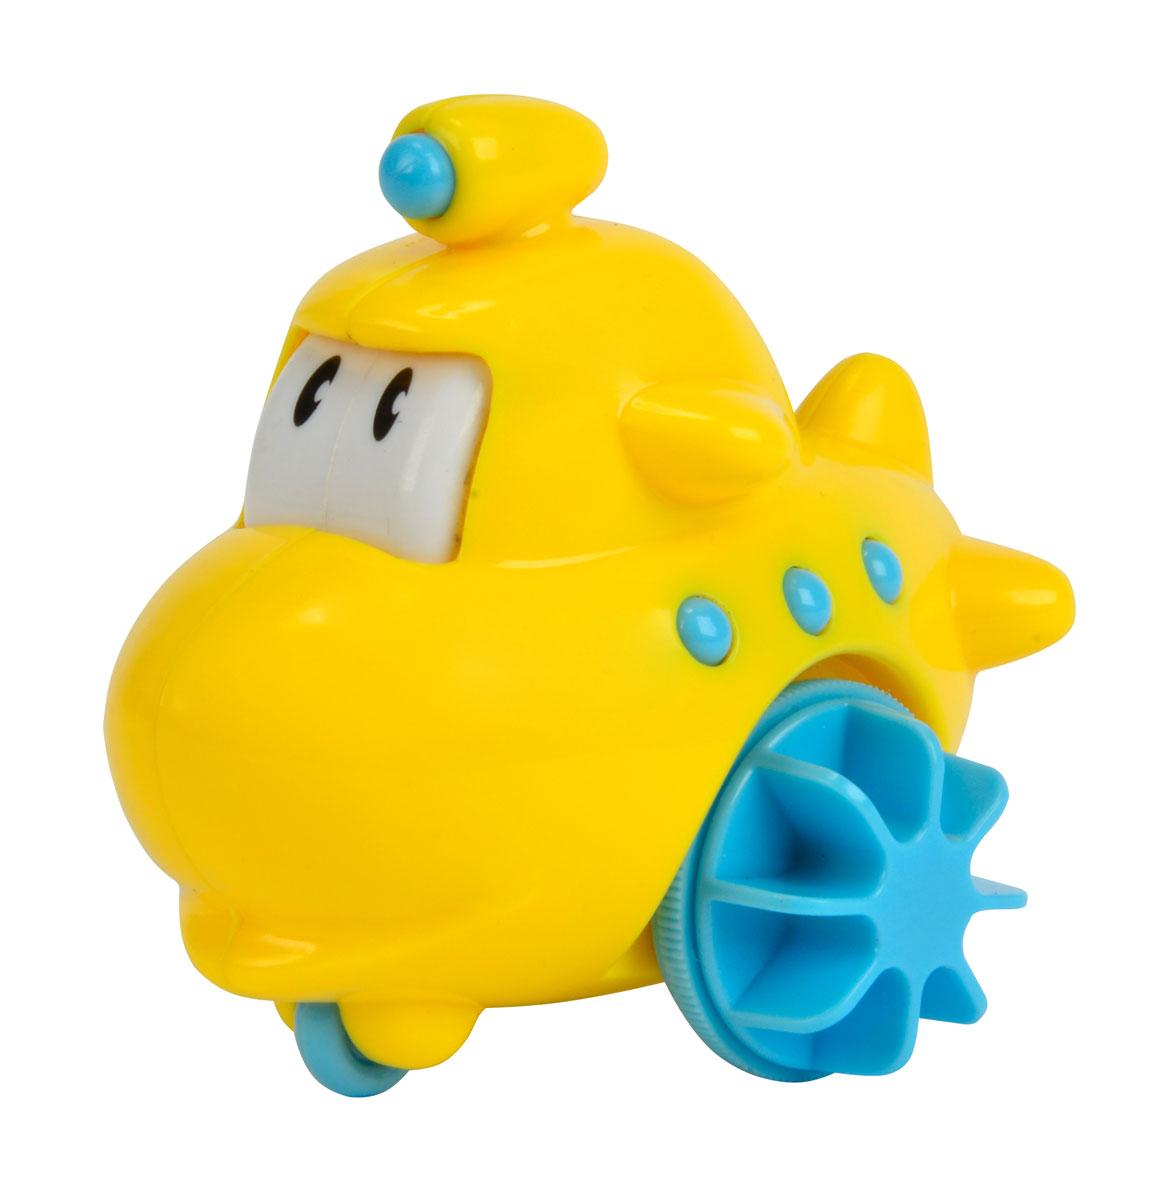 Simba Игрушка д/ванной Лодочка4011643_желтыйИгрушка для ванной «Лодочка» с забавным и милым дизайном, превратит обычное купание малыша в увлекательную игру. Игрушка оснащена специальным механизмом, благодаря которому она без труда плывёт по воде. Во время плавания огромные глазки игрушки приходят в движение, что несомненно приведёт малыша в восторг от игры с «Лодочкой». Возраст: от 1 годика.